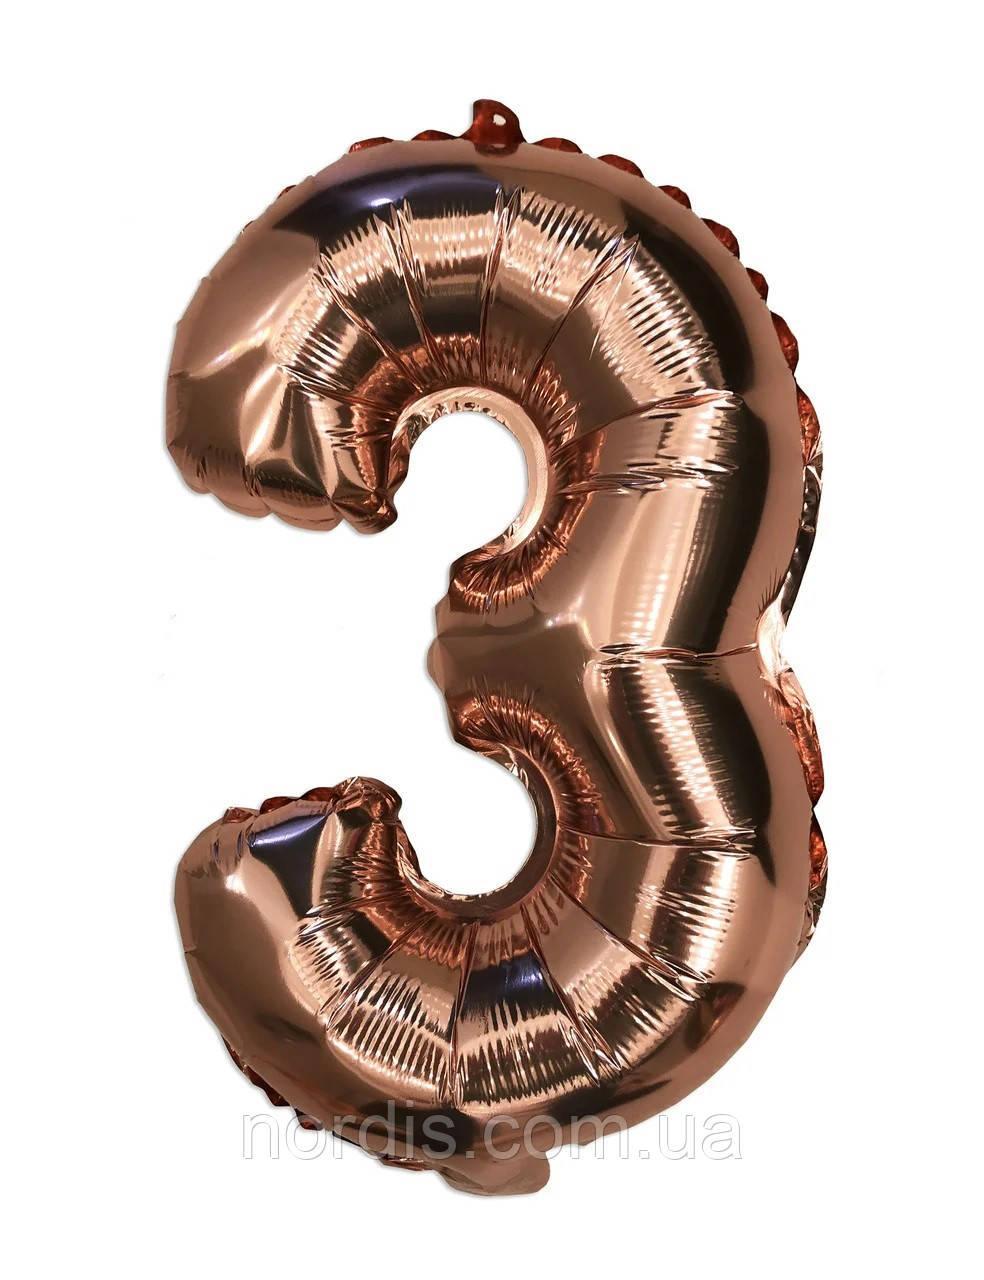 Шар цифра 3 фольгированный розовое золото 35 см.